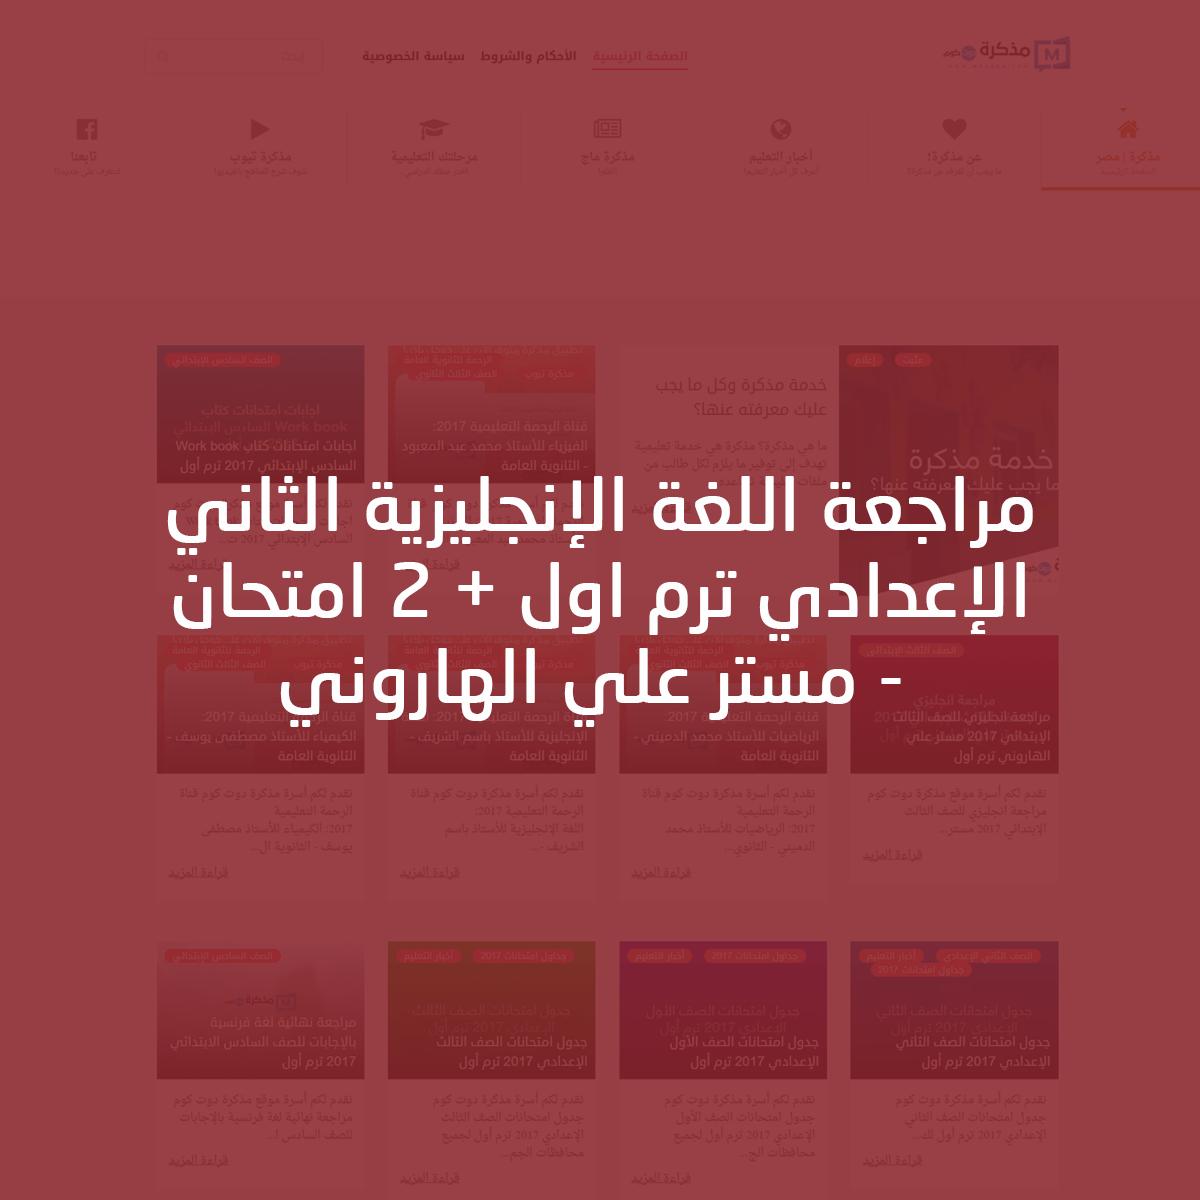 مراجعة اللغة الإنجليزية الثاني الإعدادي  ترم اول + 2 امتحان - مستر علي الهاروني